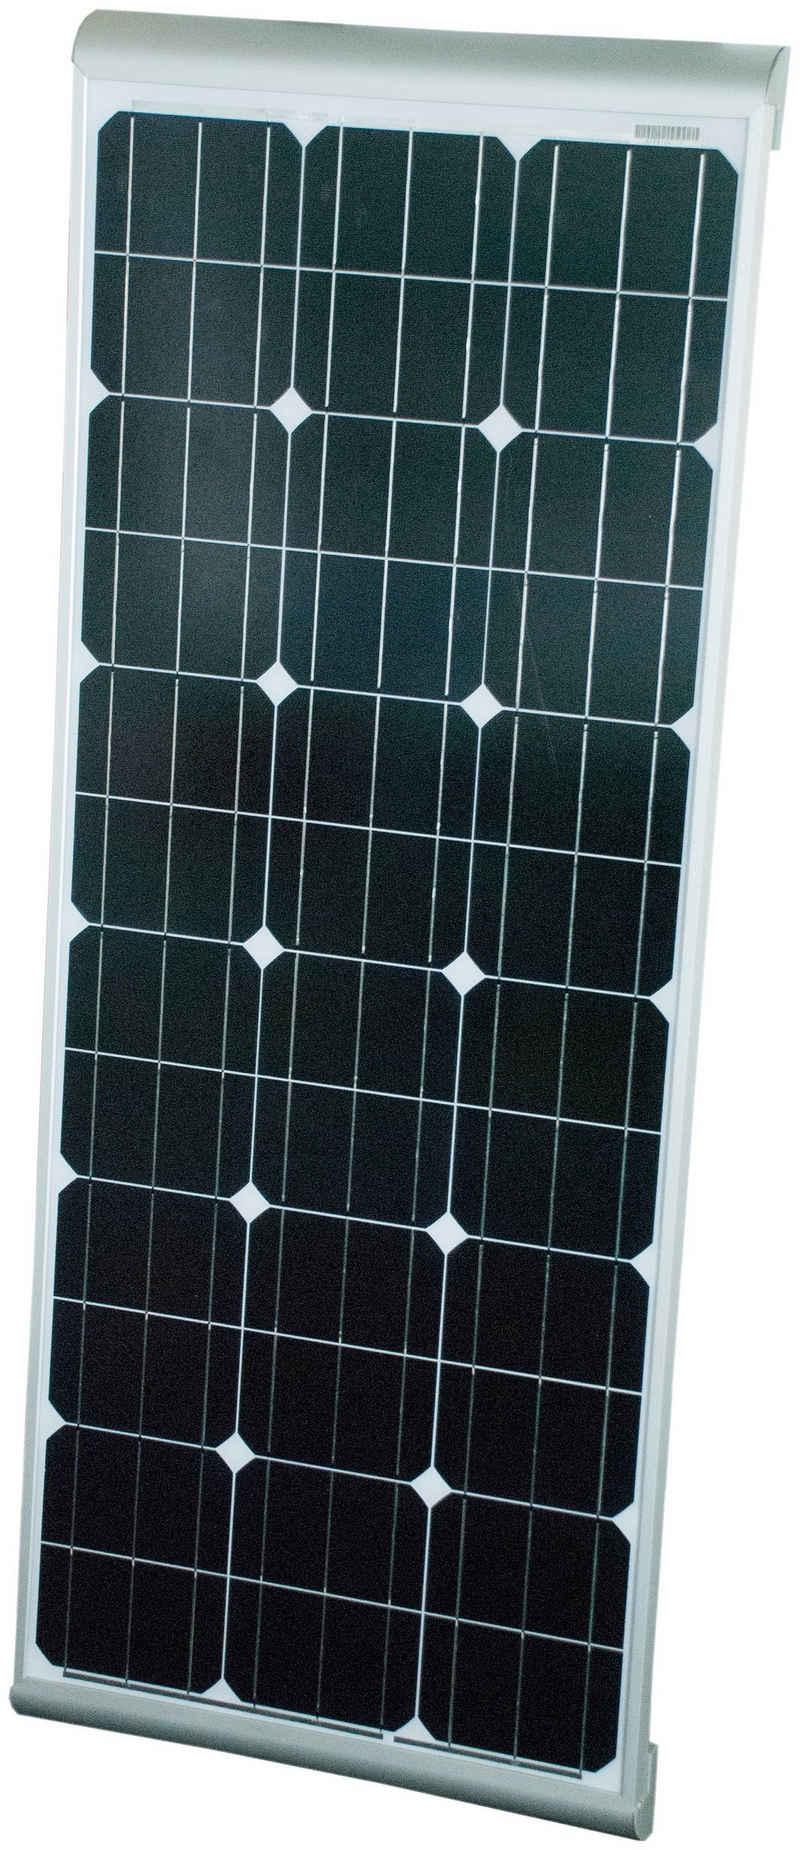 Phaesun Solarmodul »Sun Plus 120 Aero«, 120 W, 120 W, 12 VDC